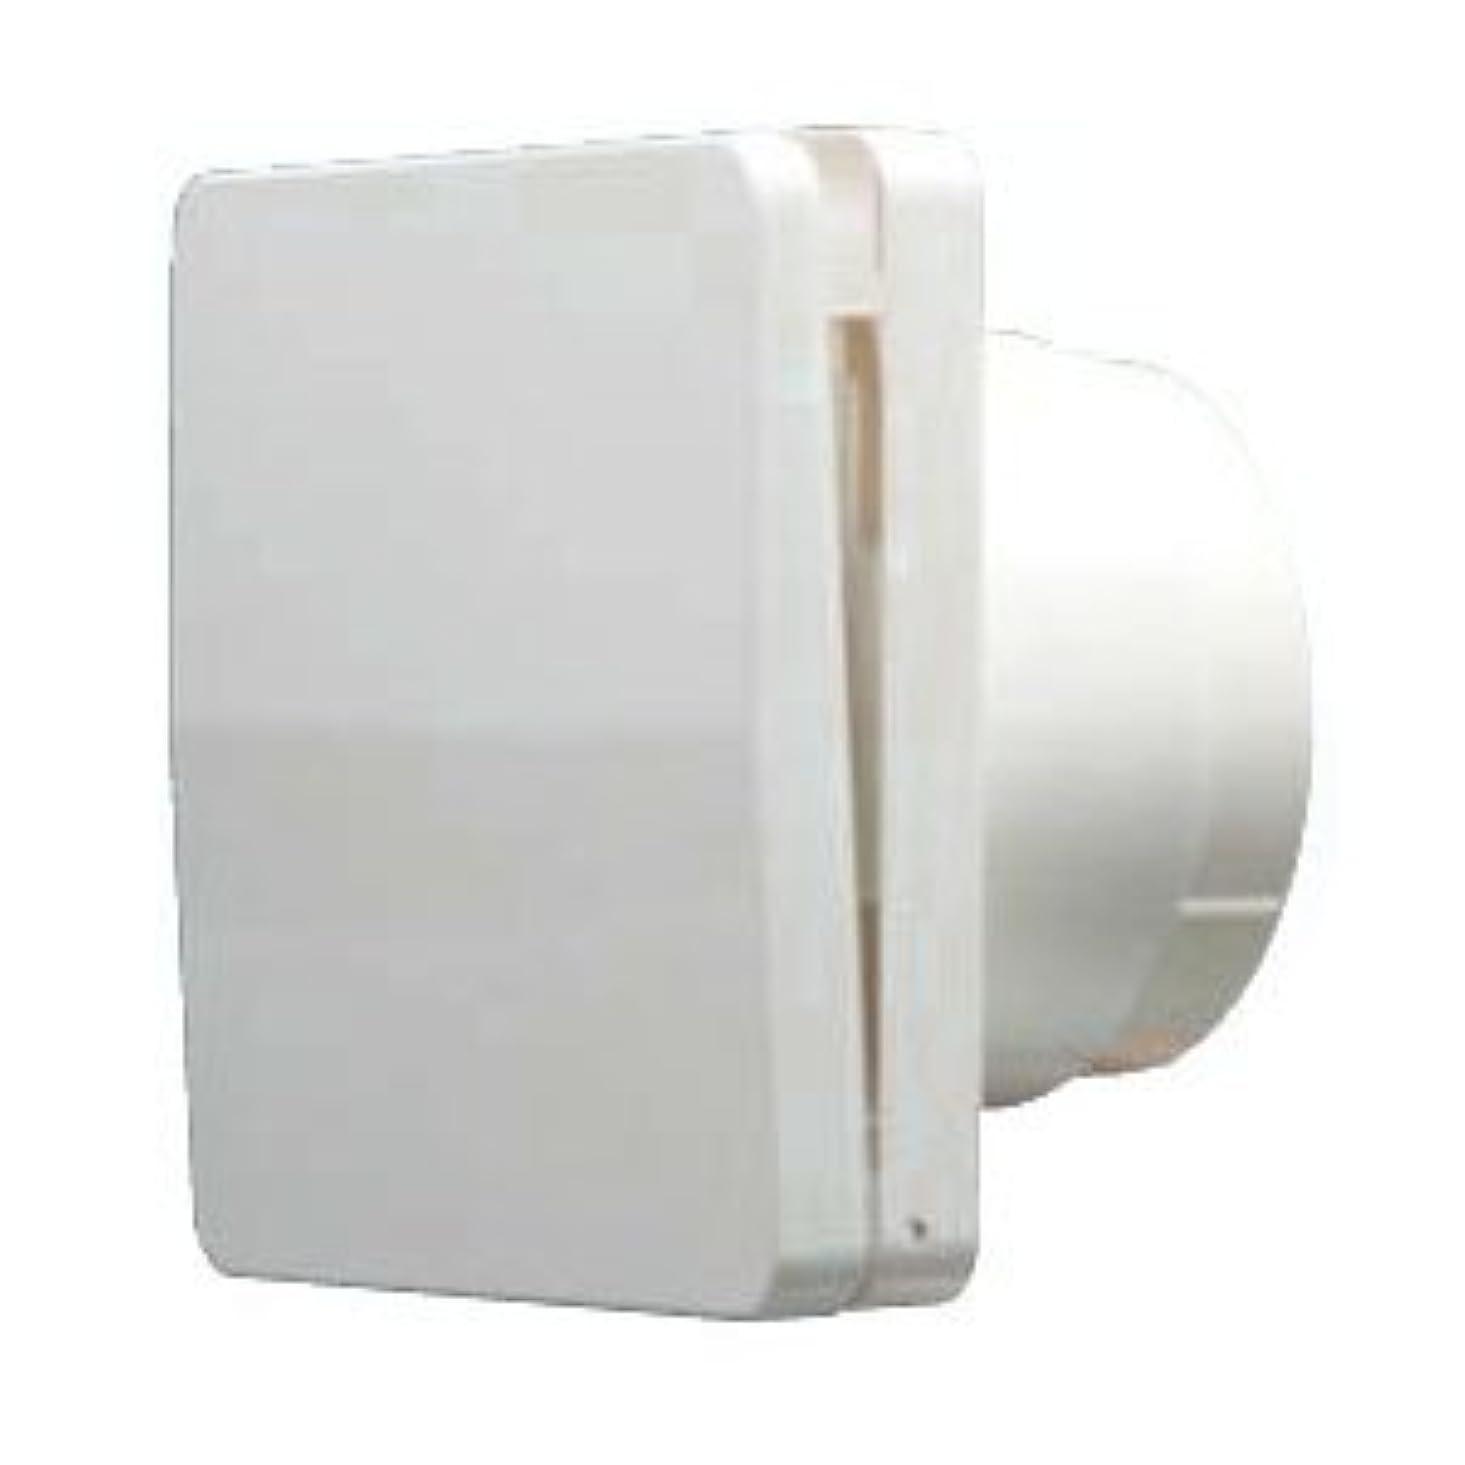 ドアめったに哀フクビ化学 自然給気口 断熱シャッタータイプ ホワイト 1箱6個価格 FASKPHW